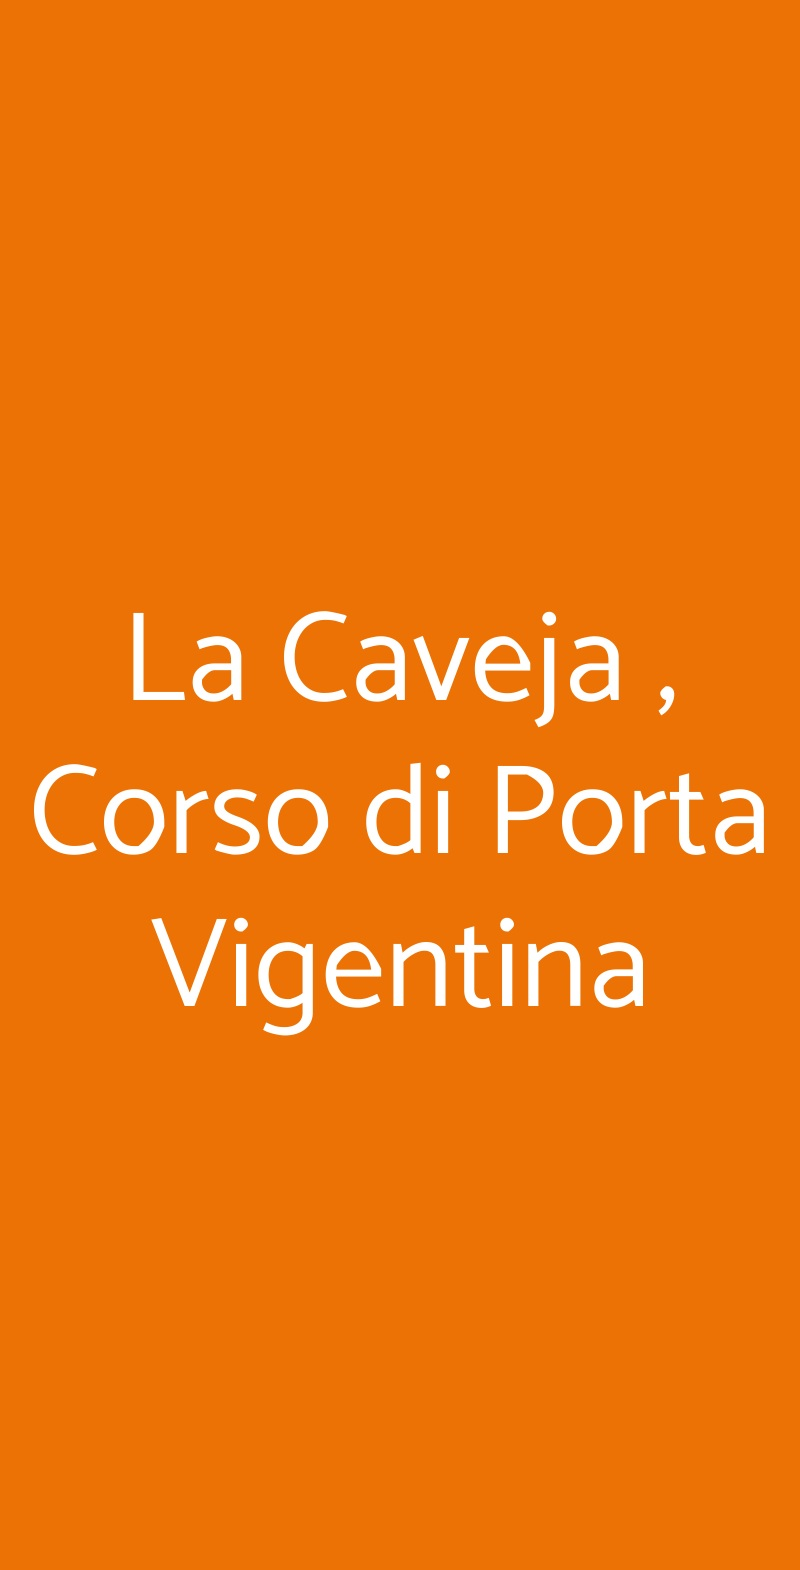 La Caveja , Corso di Porta Vigentina Milano menù 1 pagina